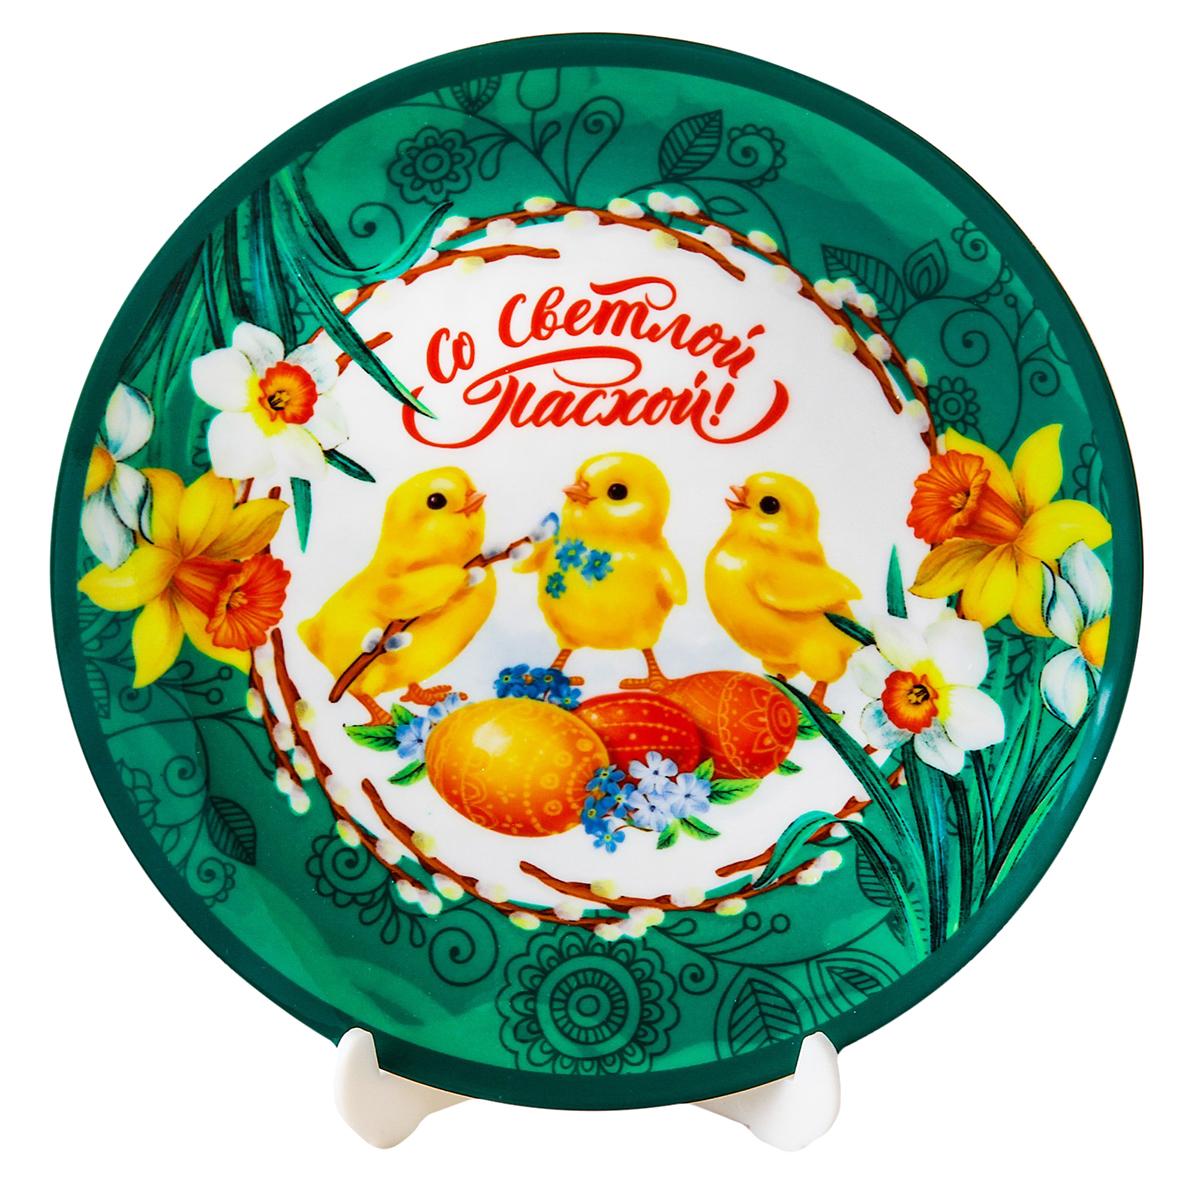 Подставка для яйца Цыплята, диаметр 20 см. 28753652875365Тарелка сувенирная с сублимацией Цыплята, 20 см — сувенир в полном смысле этого слова. И главная его задача — хранить воспоминание о месте, где вы побывали, или о том человеке, который подарил данный предмет. Преподнесите эту вещь своему другу, и она станет достойным украшением его дома.